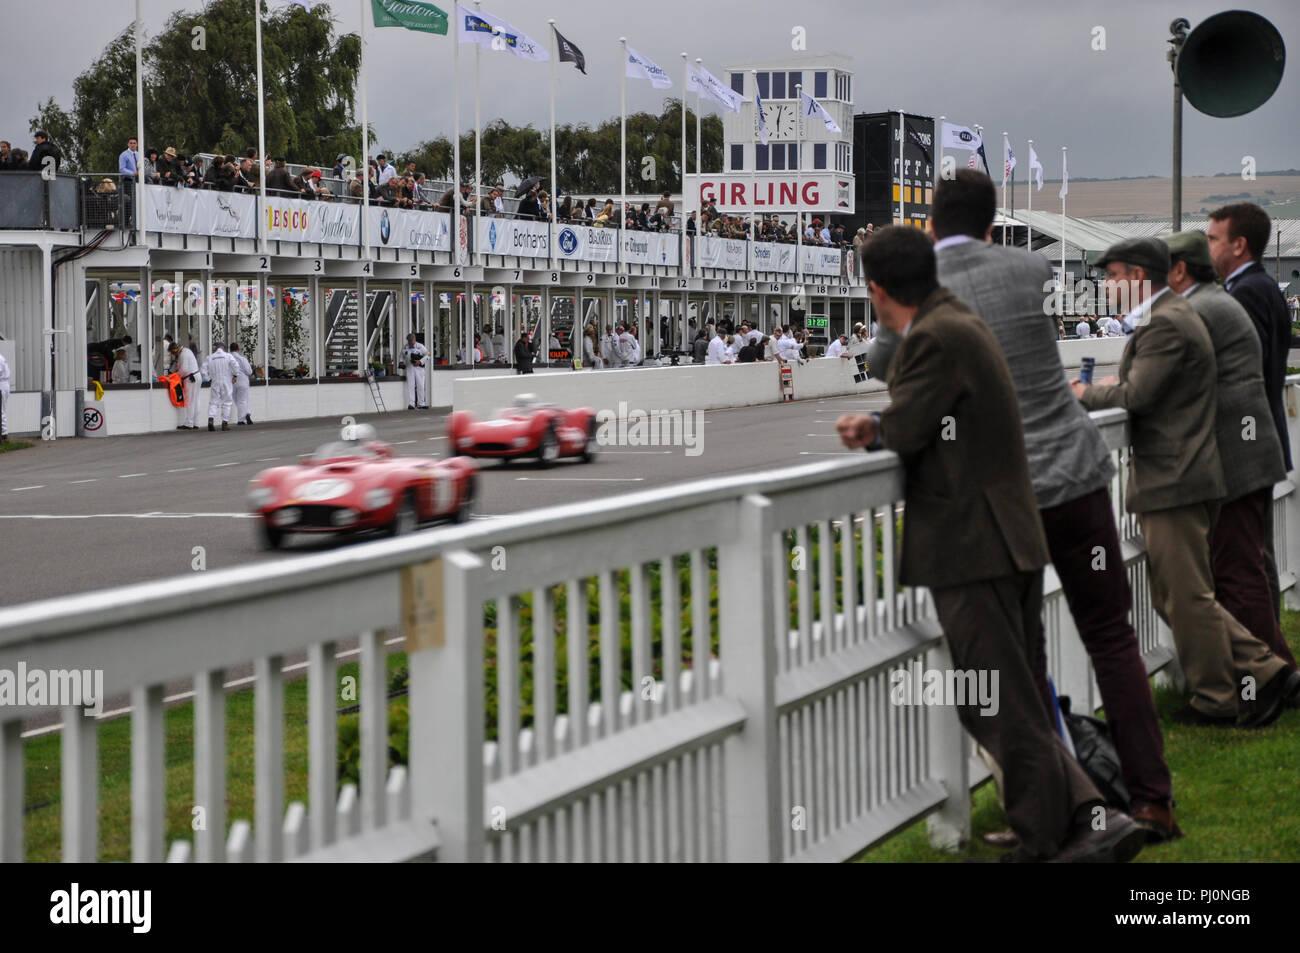 Die Goodwood Revival Die Freddie März Memorial Trophy Rennen, Ausdauer abend Rasse, mit Menschen in Kostümen zu beobachten. Rennwagen Stockbild